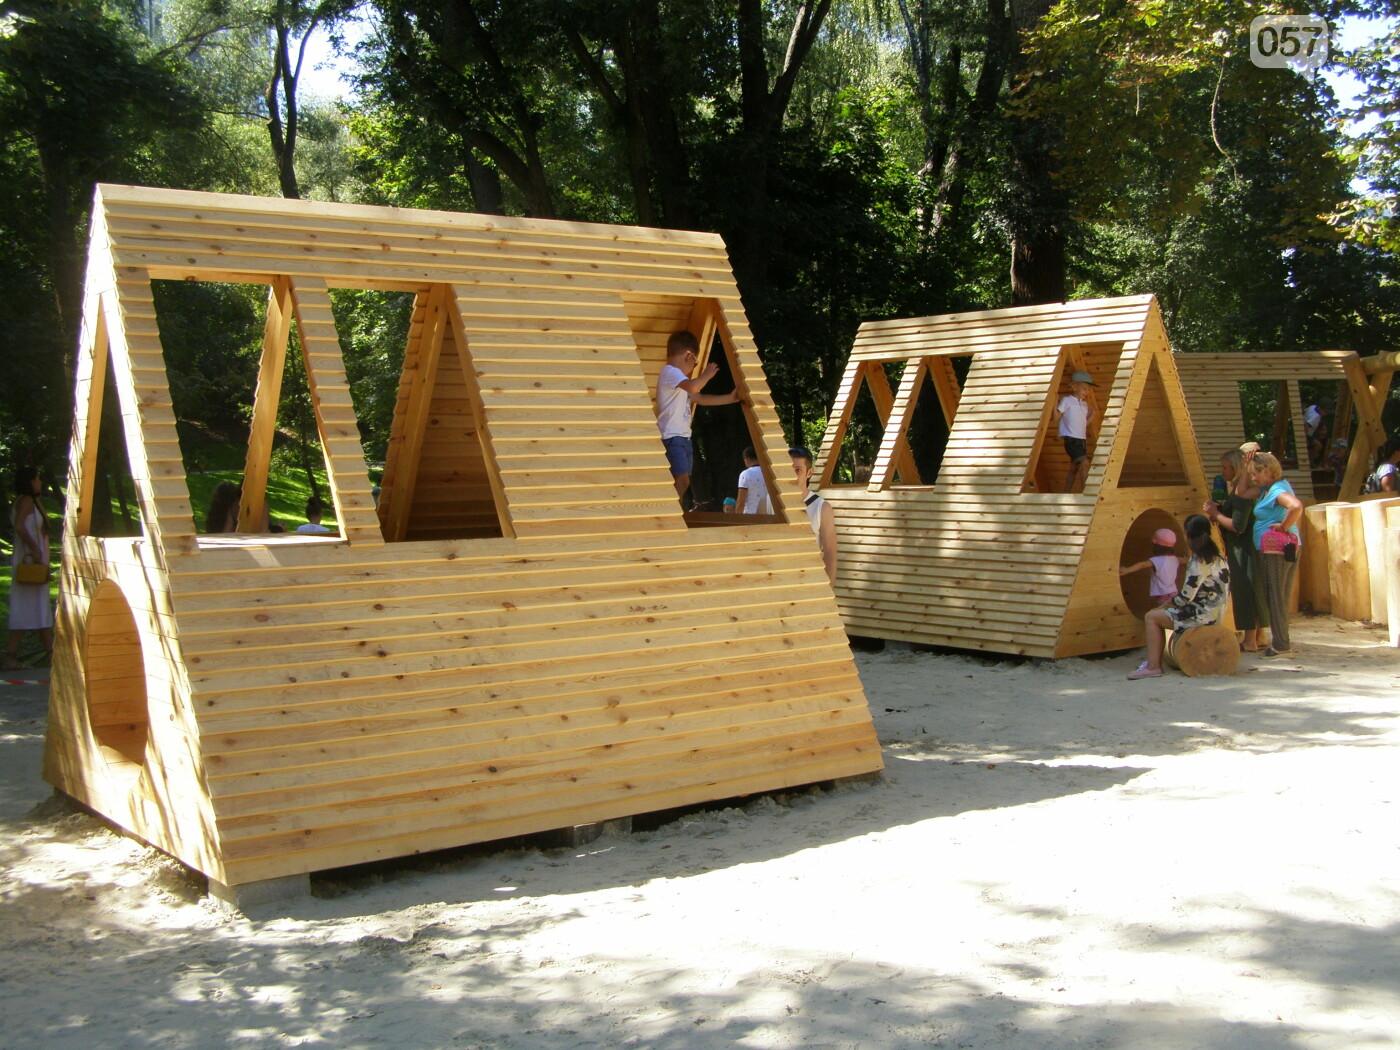 Детская площадка, настольный теннис и велодорожки: в Саржином Яру открыли новые локации, - ФОТО, фото-15